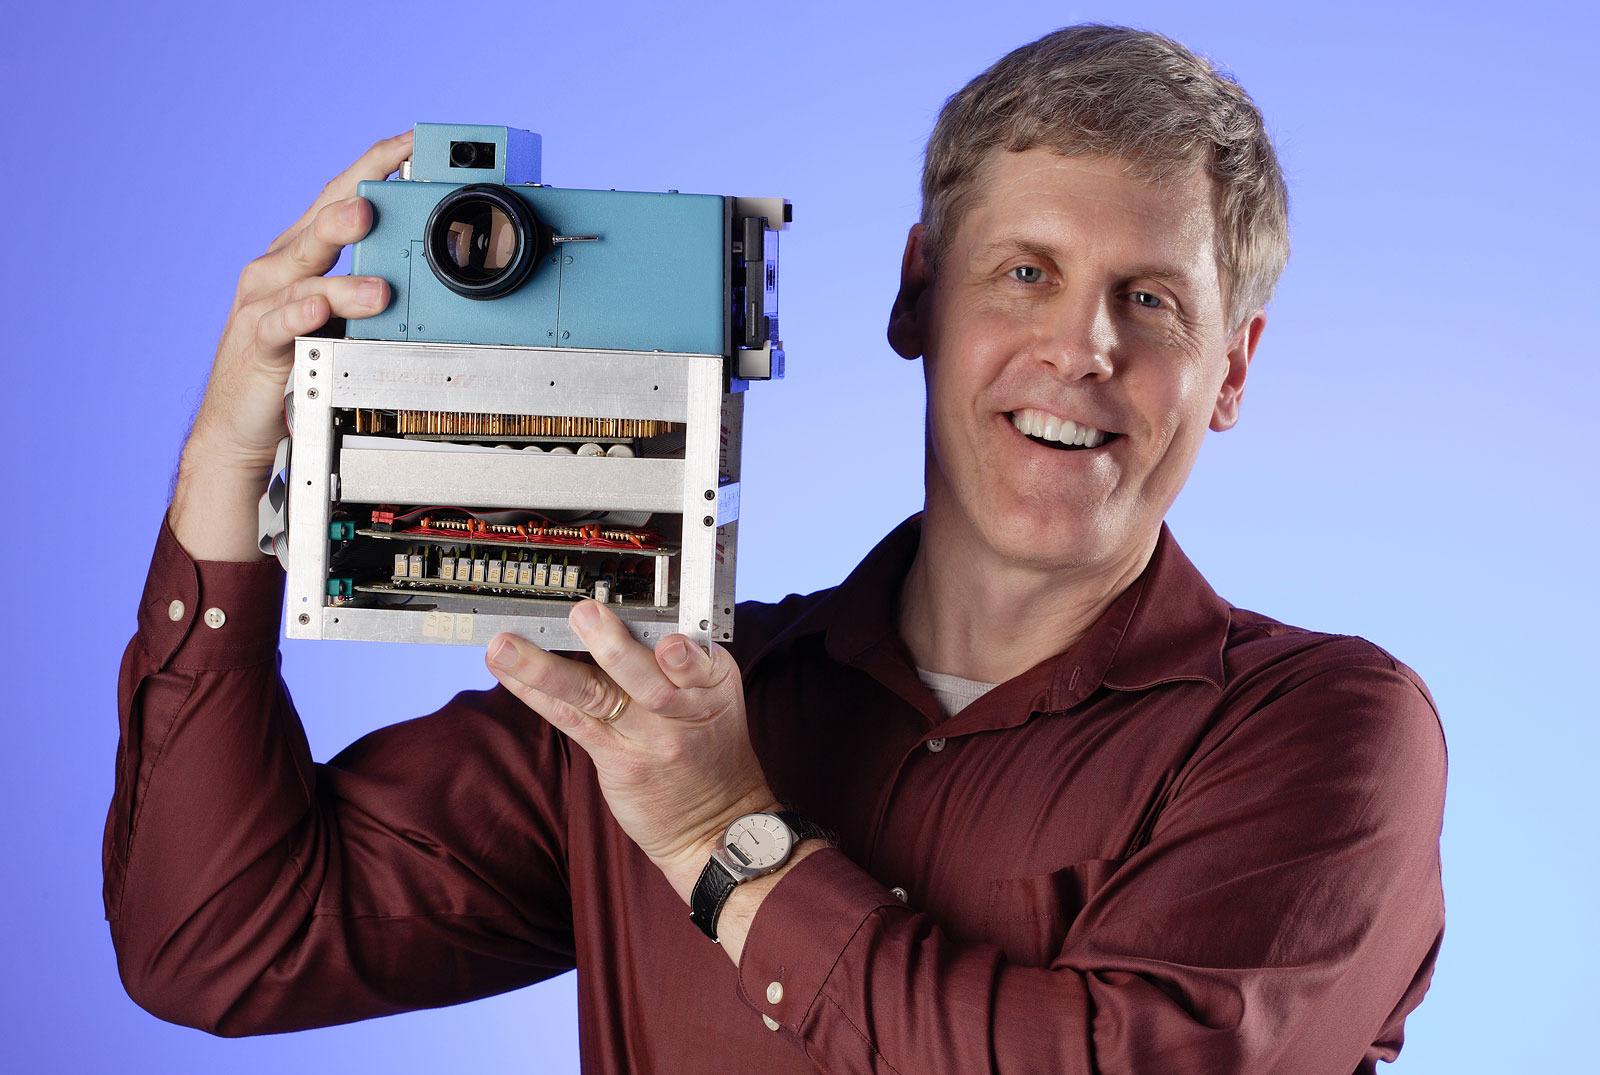 Kodakov inženir Steve Sasson je razvil prvi digitalni fotoaparat s CCD senzorjem že v letu 1975.